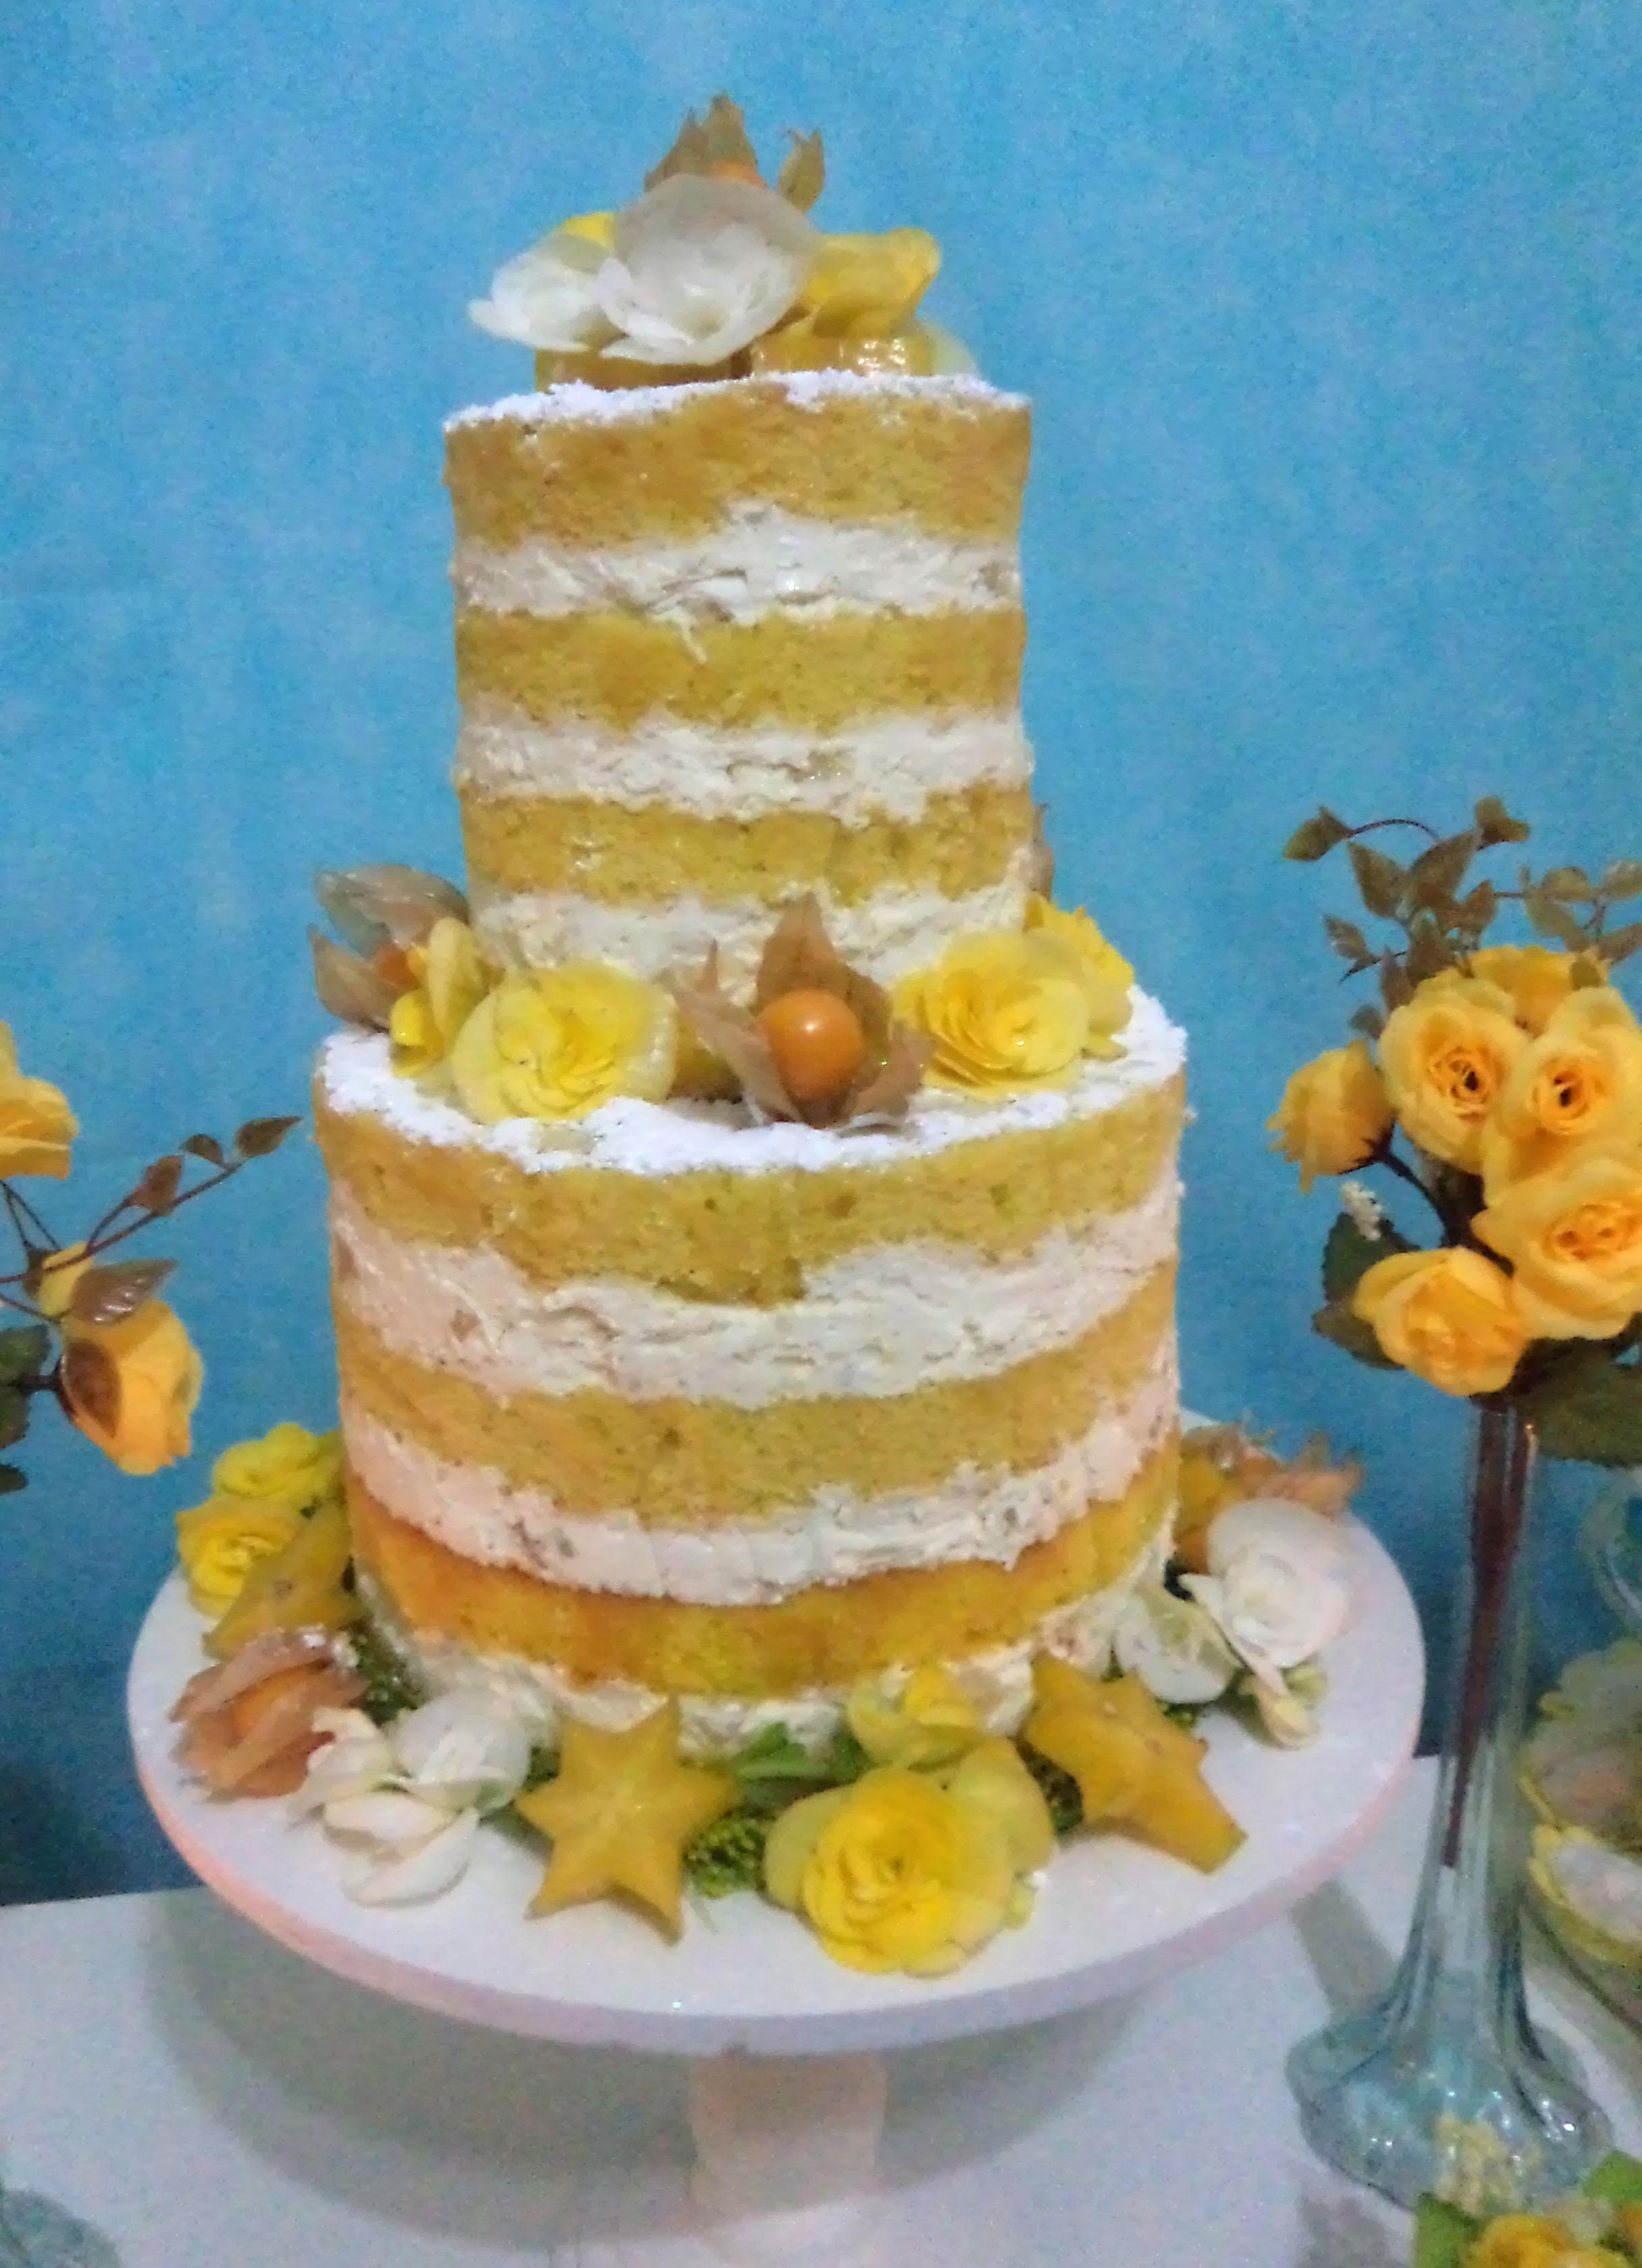 Naked Cake  Atelier Mirucha Flore - Cake Designer  Elo7-5807